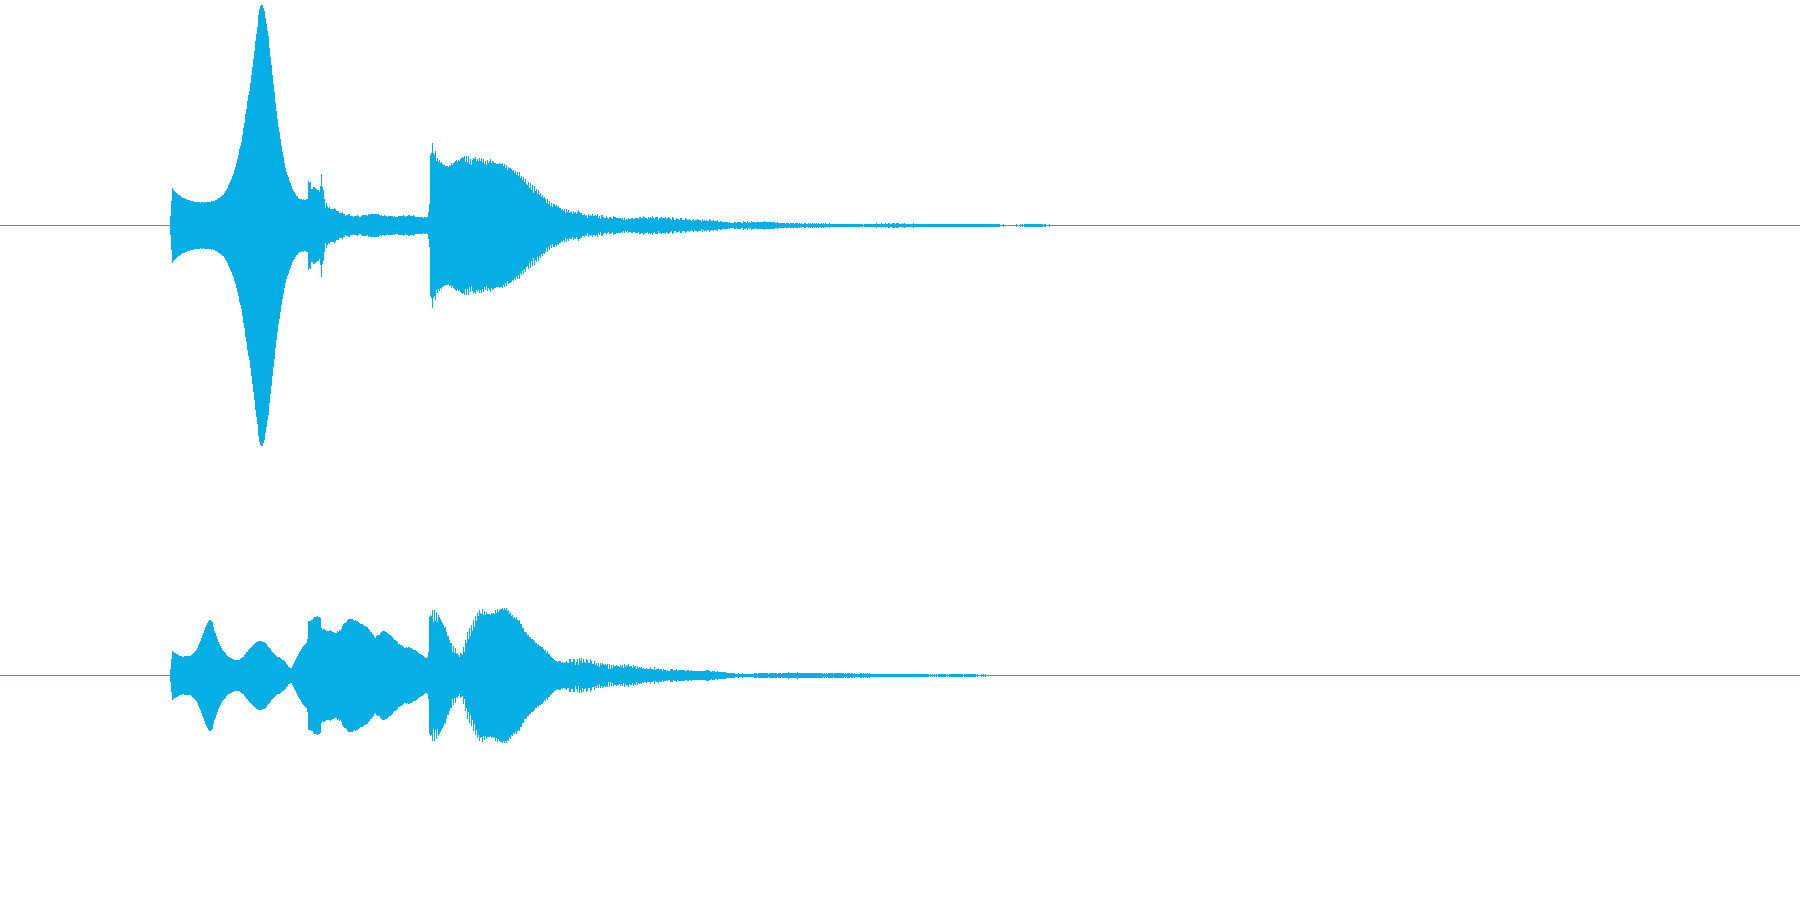 ピポパ(お知らせ音・解説・注目・表示)の再生済みの波形